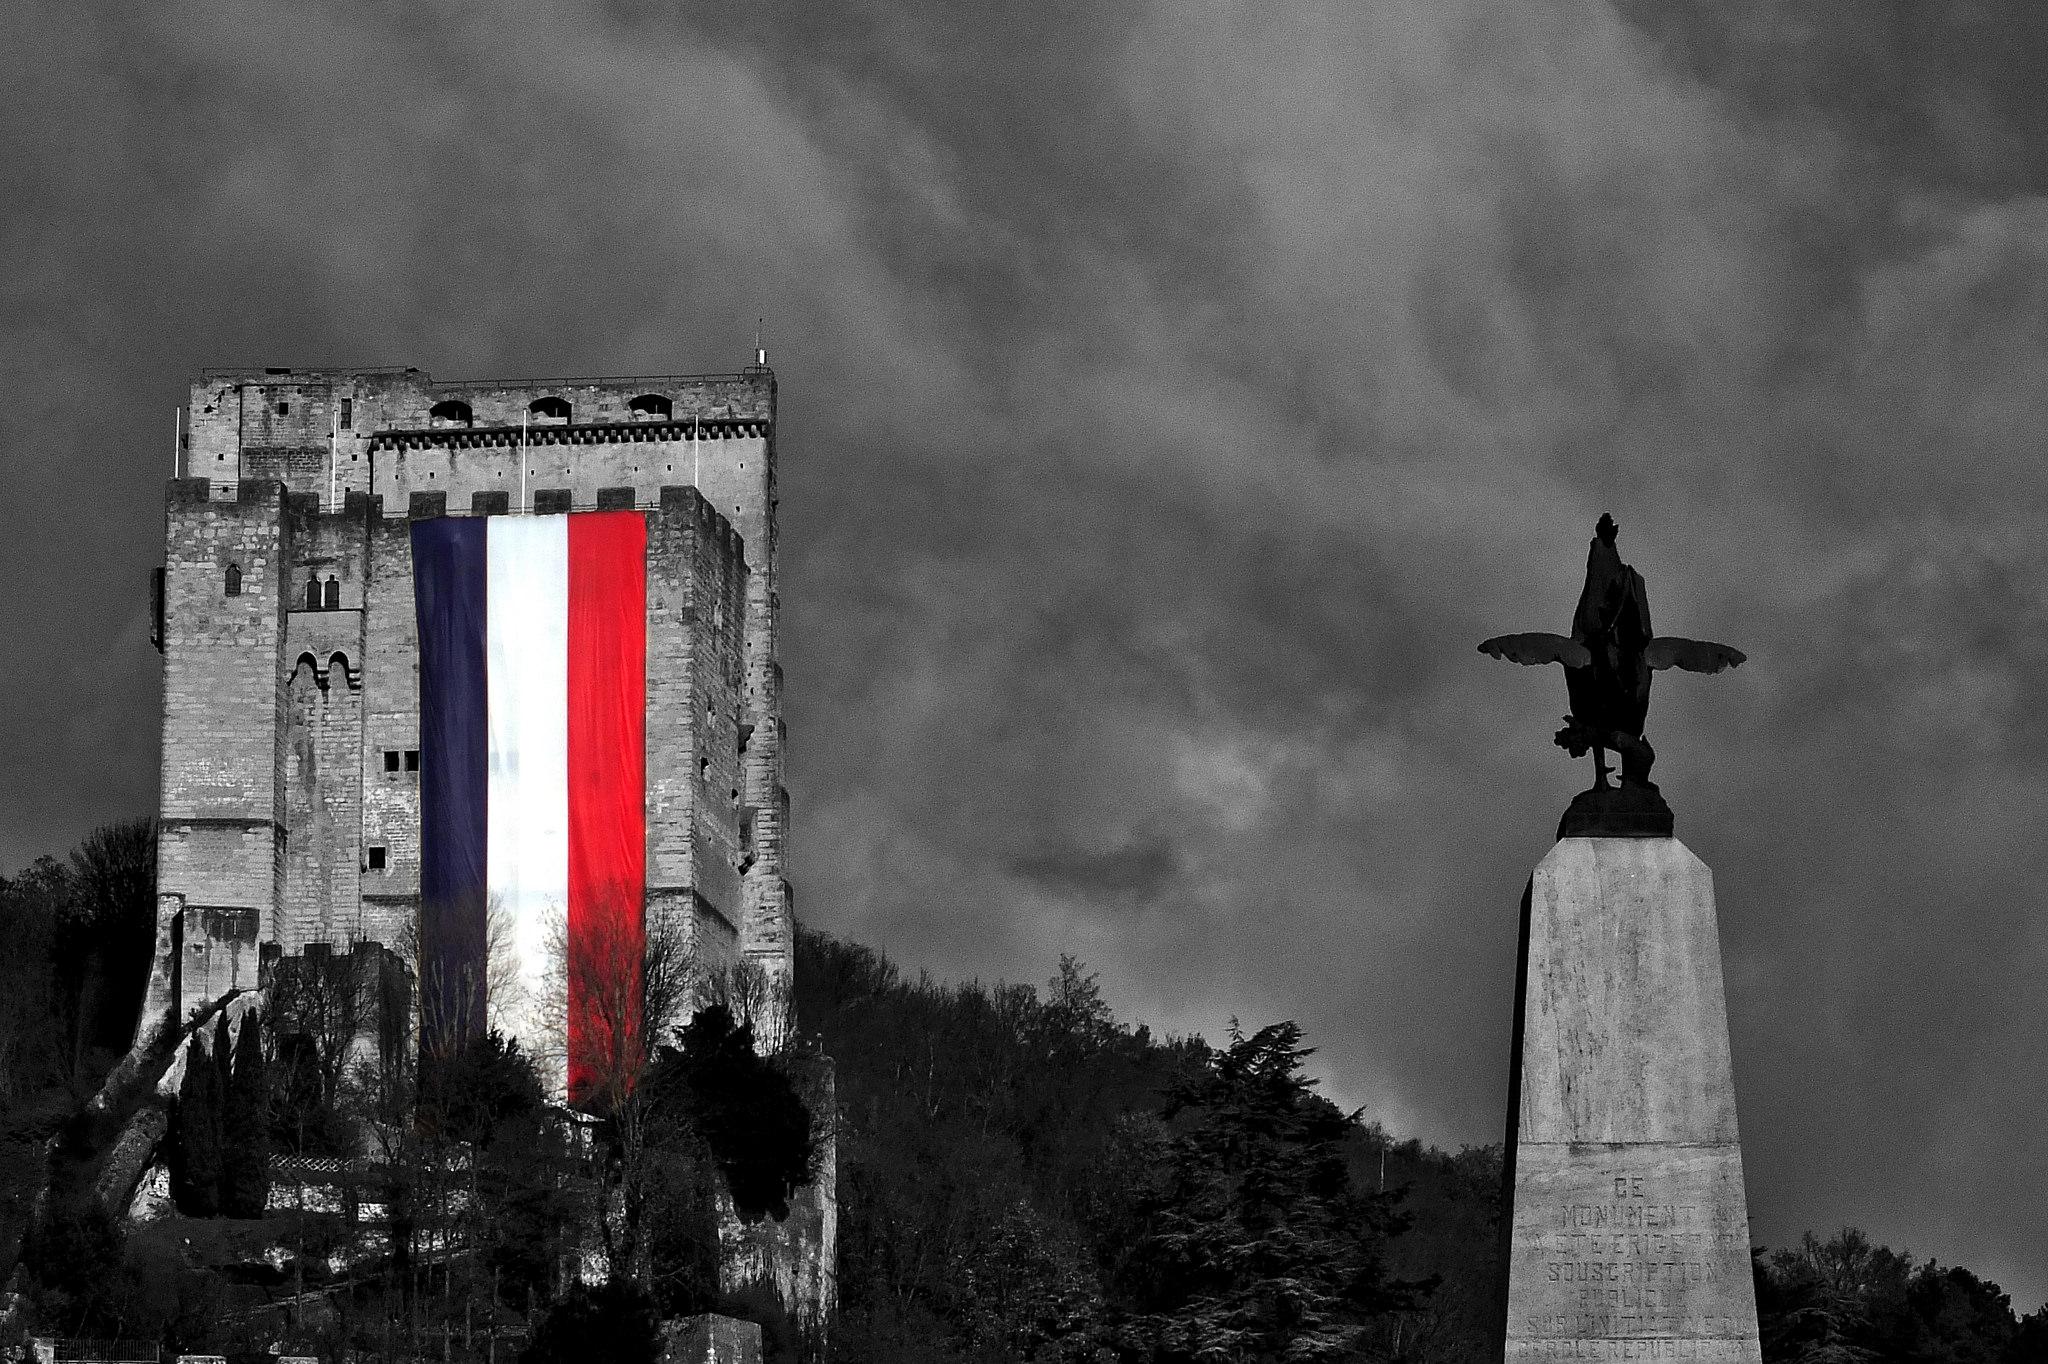 Μετά την επίθεση στο Παρίσι